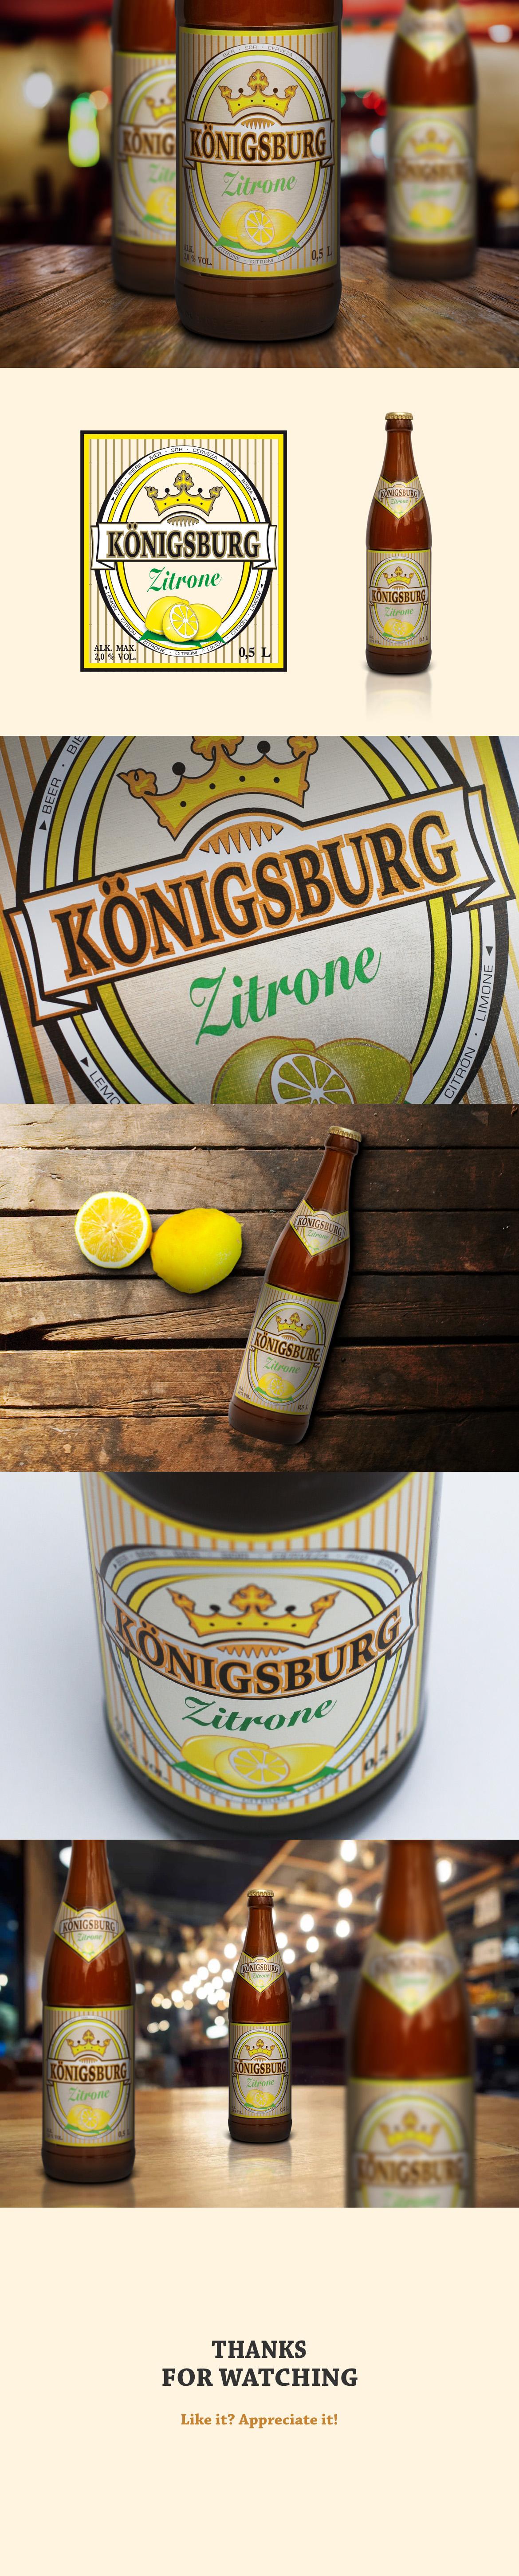 label design brandy label brand identity vector graphic graphic design  product design  beer label beverage bottle ILLUSTRATION